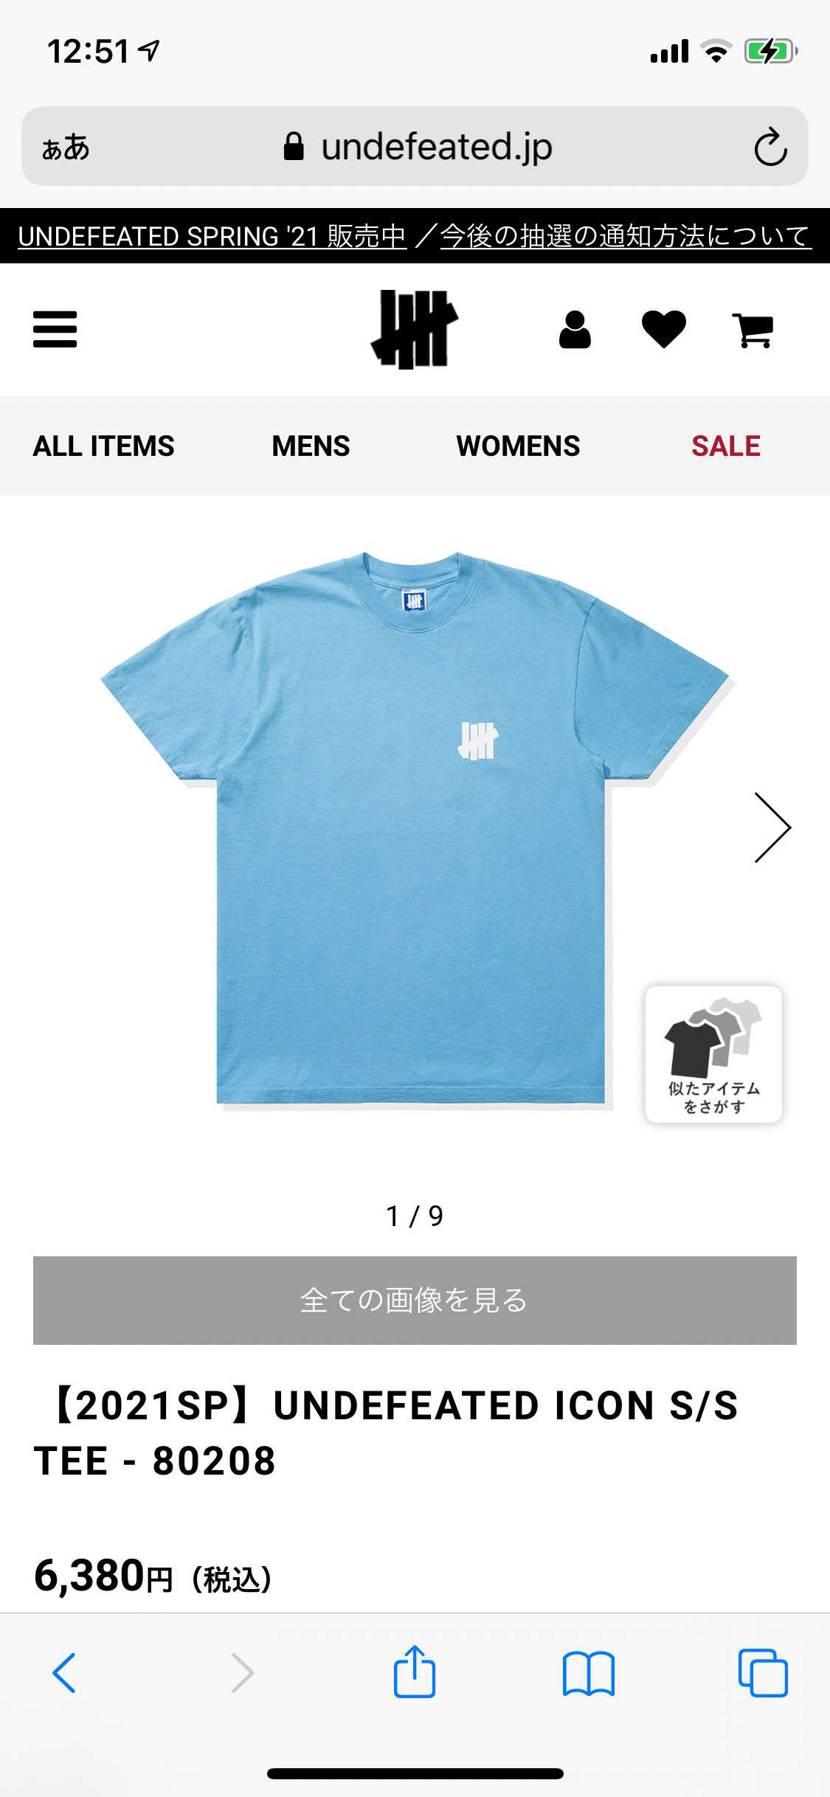 このaj1と写真のアンディーのTシャツ合わせたら超良さそうじゃないですか?😇